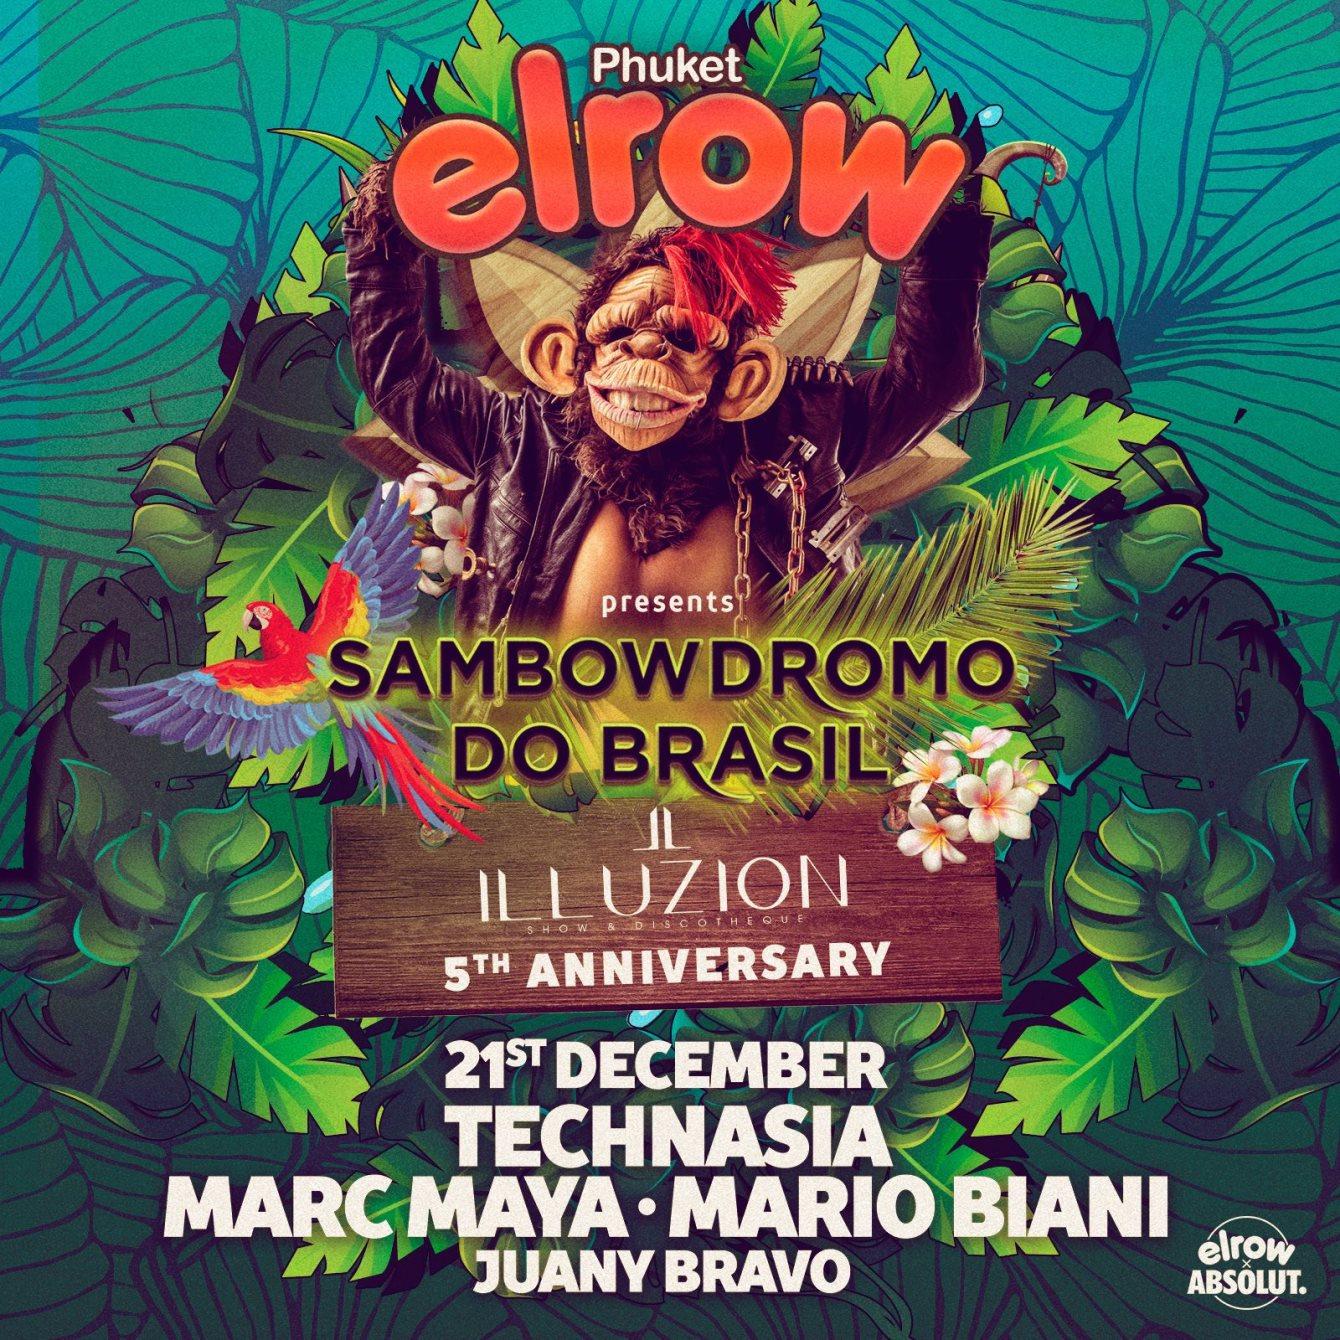 elrow Phuket - Sambowdromo do Brasil - Flyer front